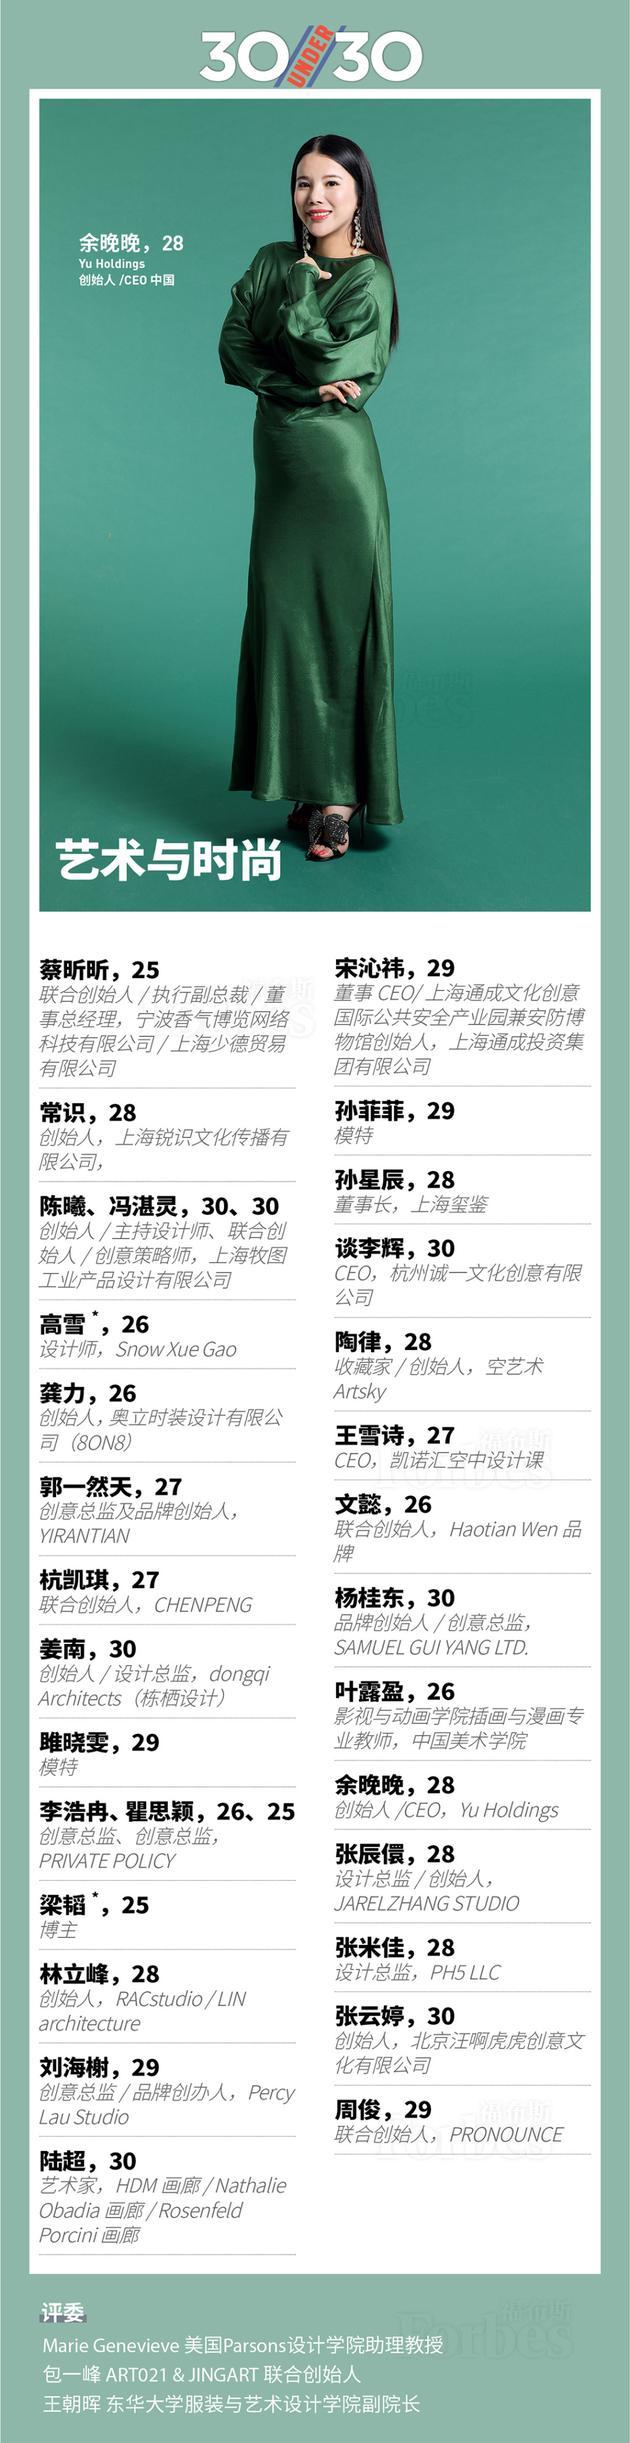 福布斯公布30岁以下精英榜 刘昊然张碧晨领衔登封